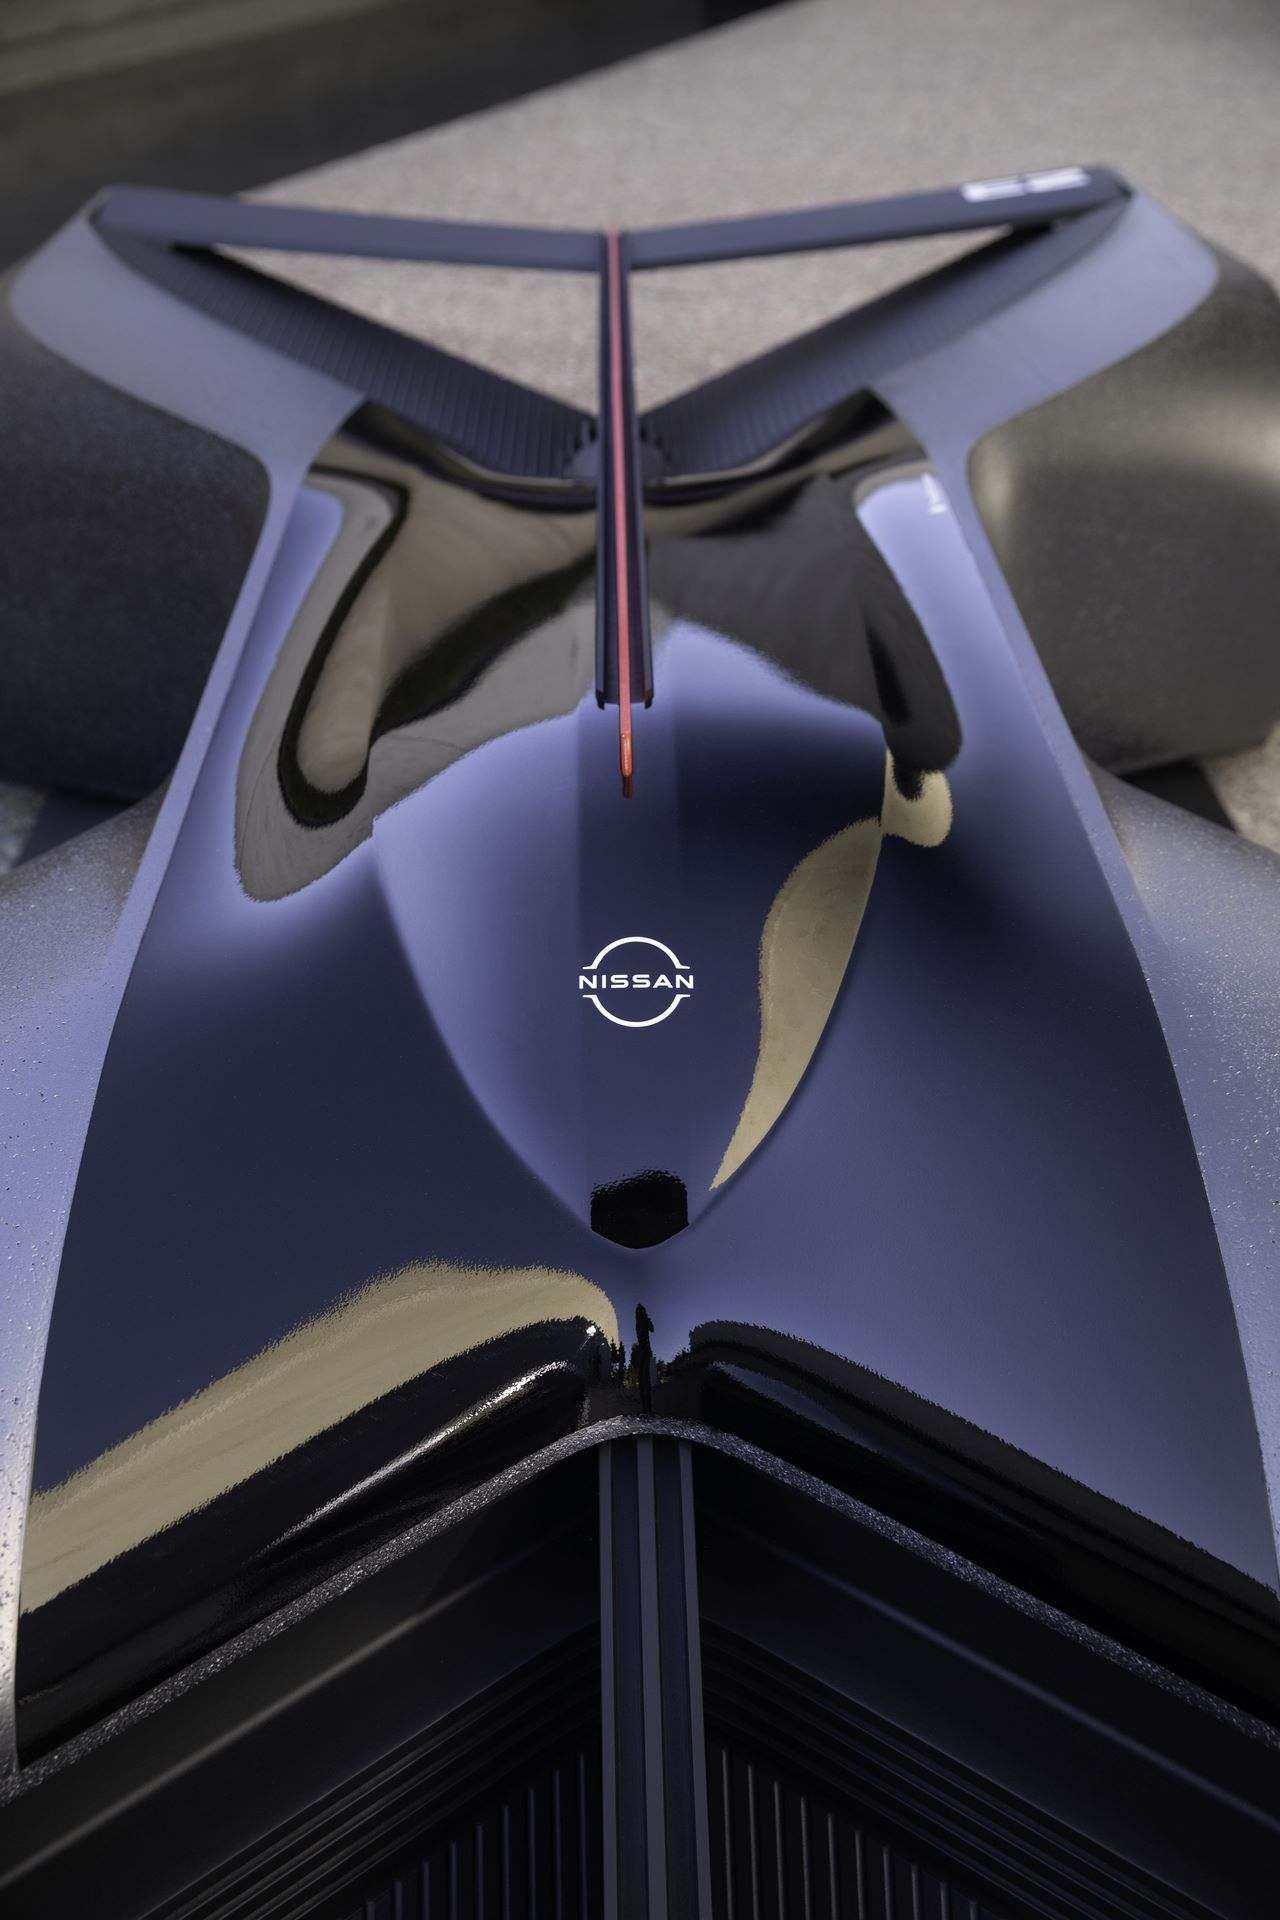 Nissan-GT-R-X-2050-Concept-10